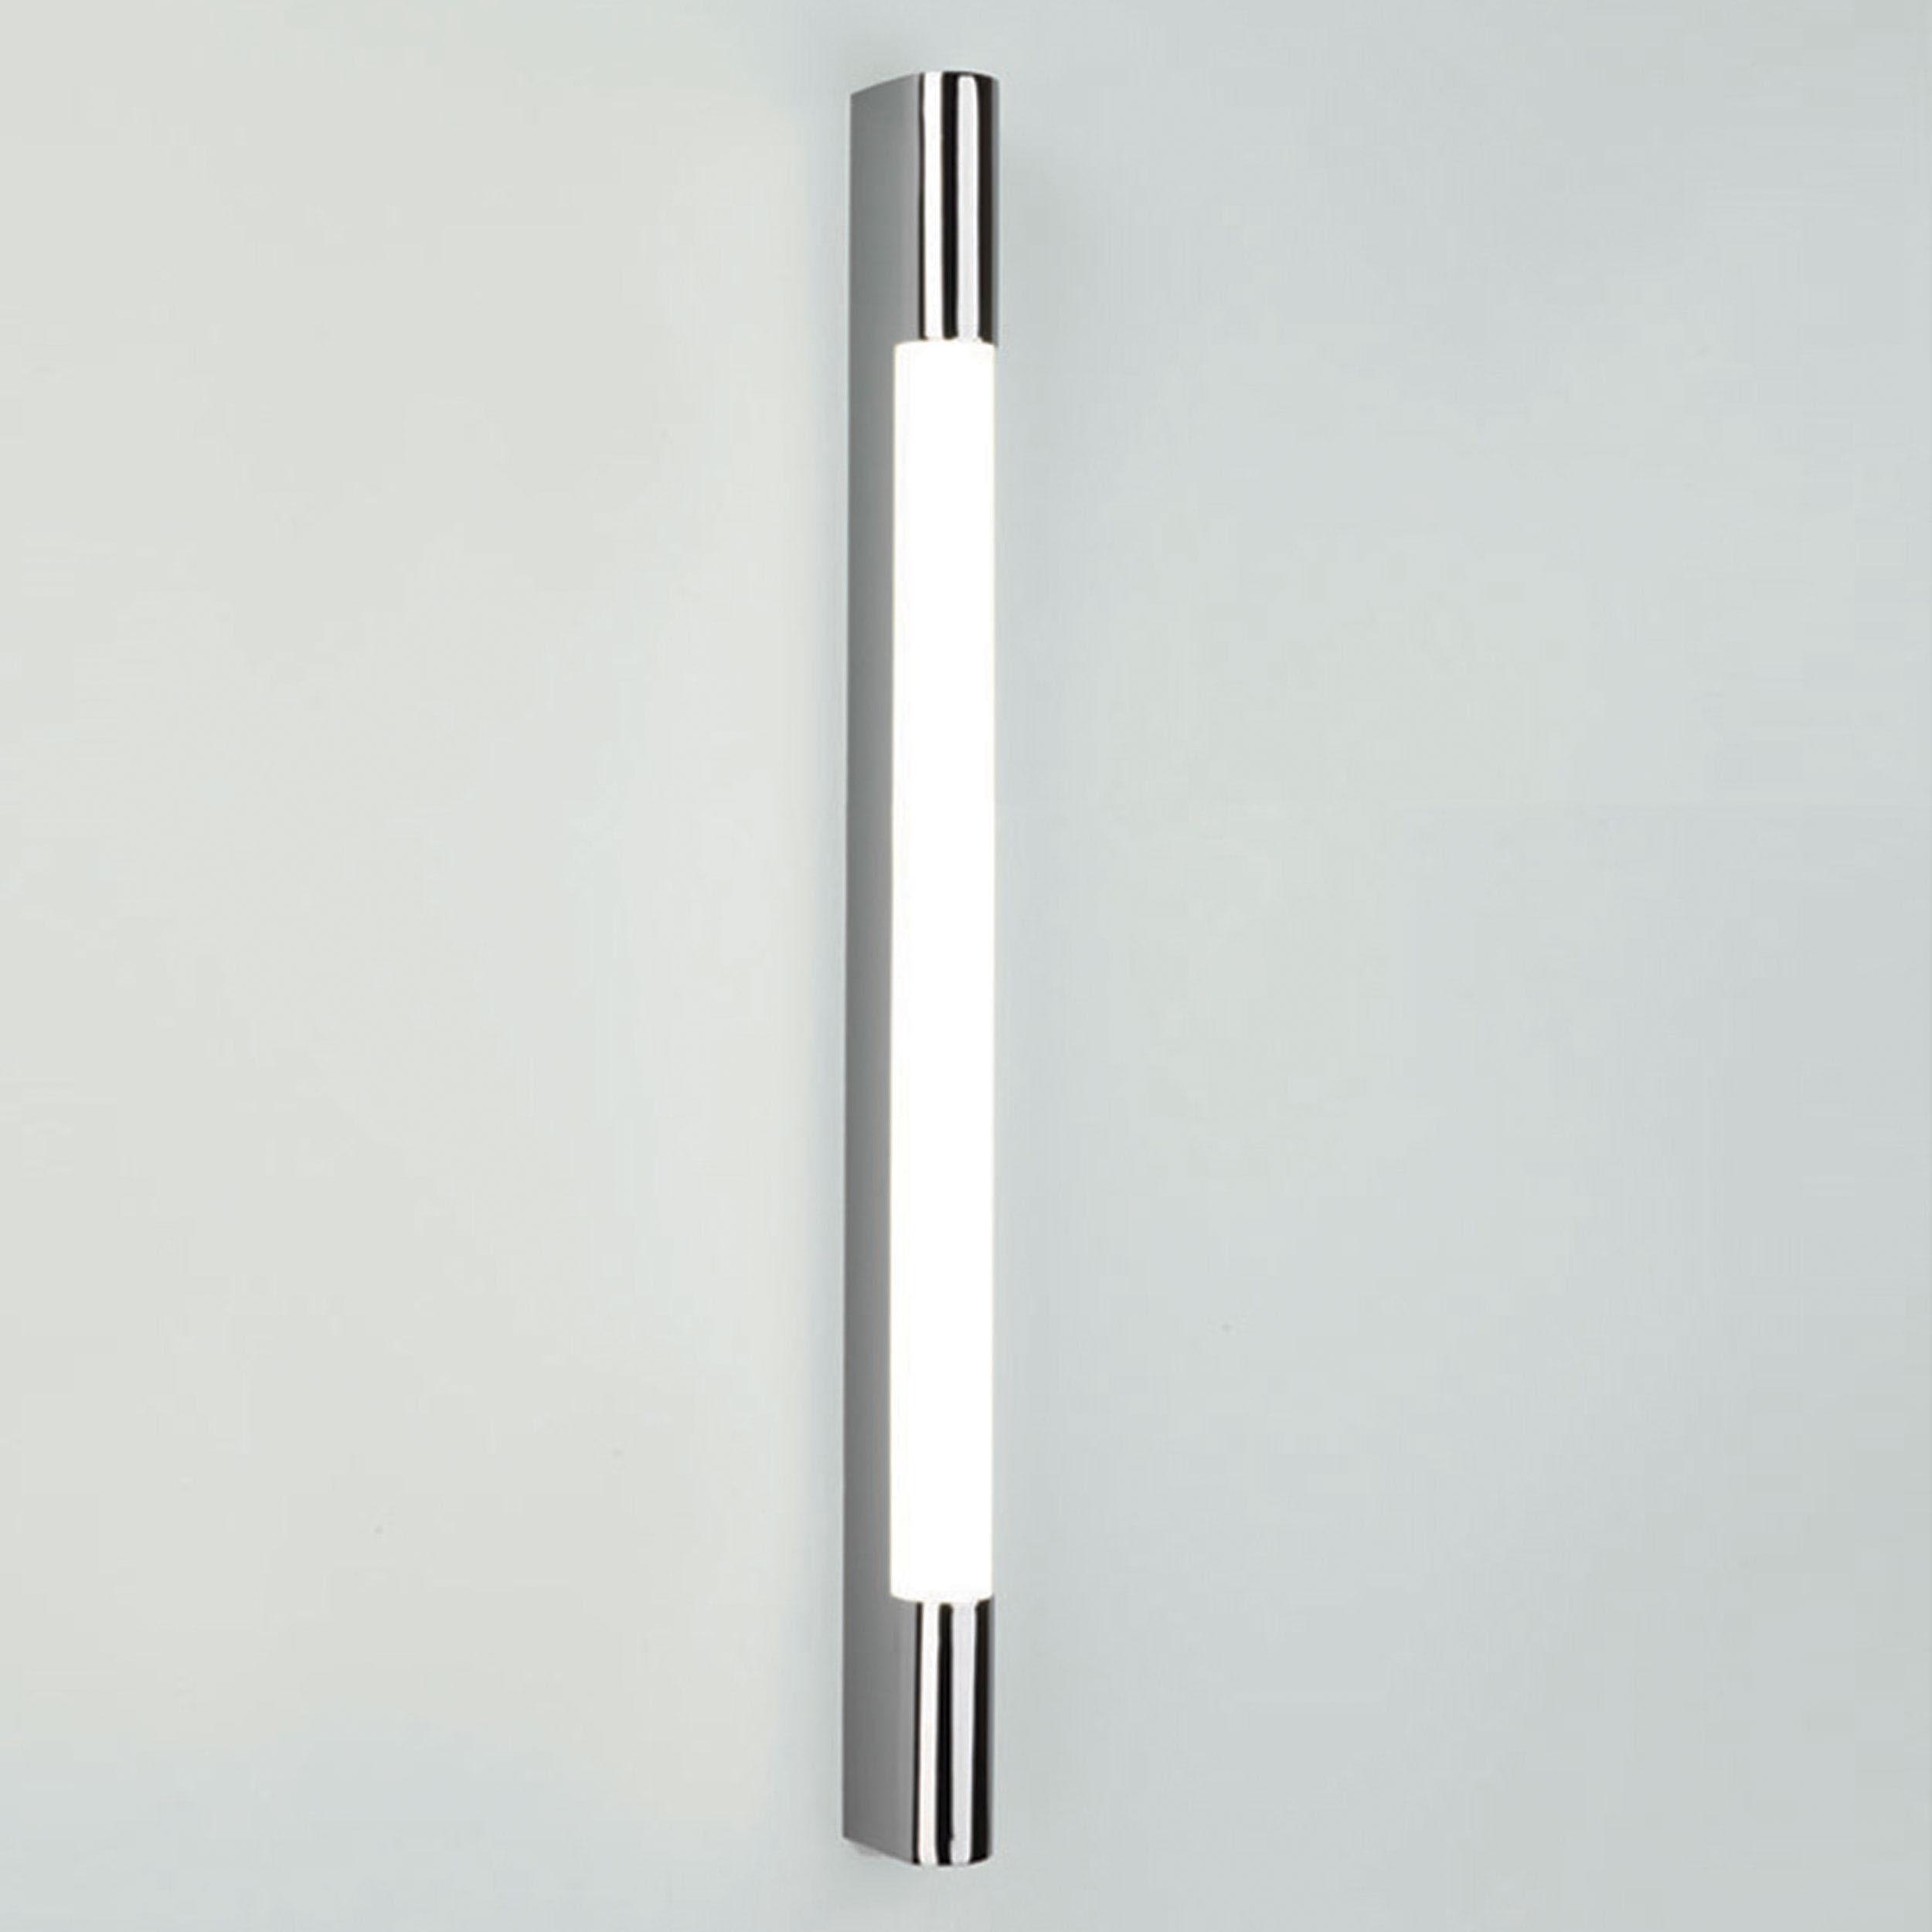 Настенный светодиодный светильник Astro Palermo 1084022 (7620), IP44, LED 13,6W 3000K 650lm CRI80, хром, пластик - фото 1